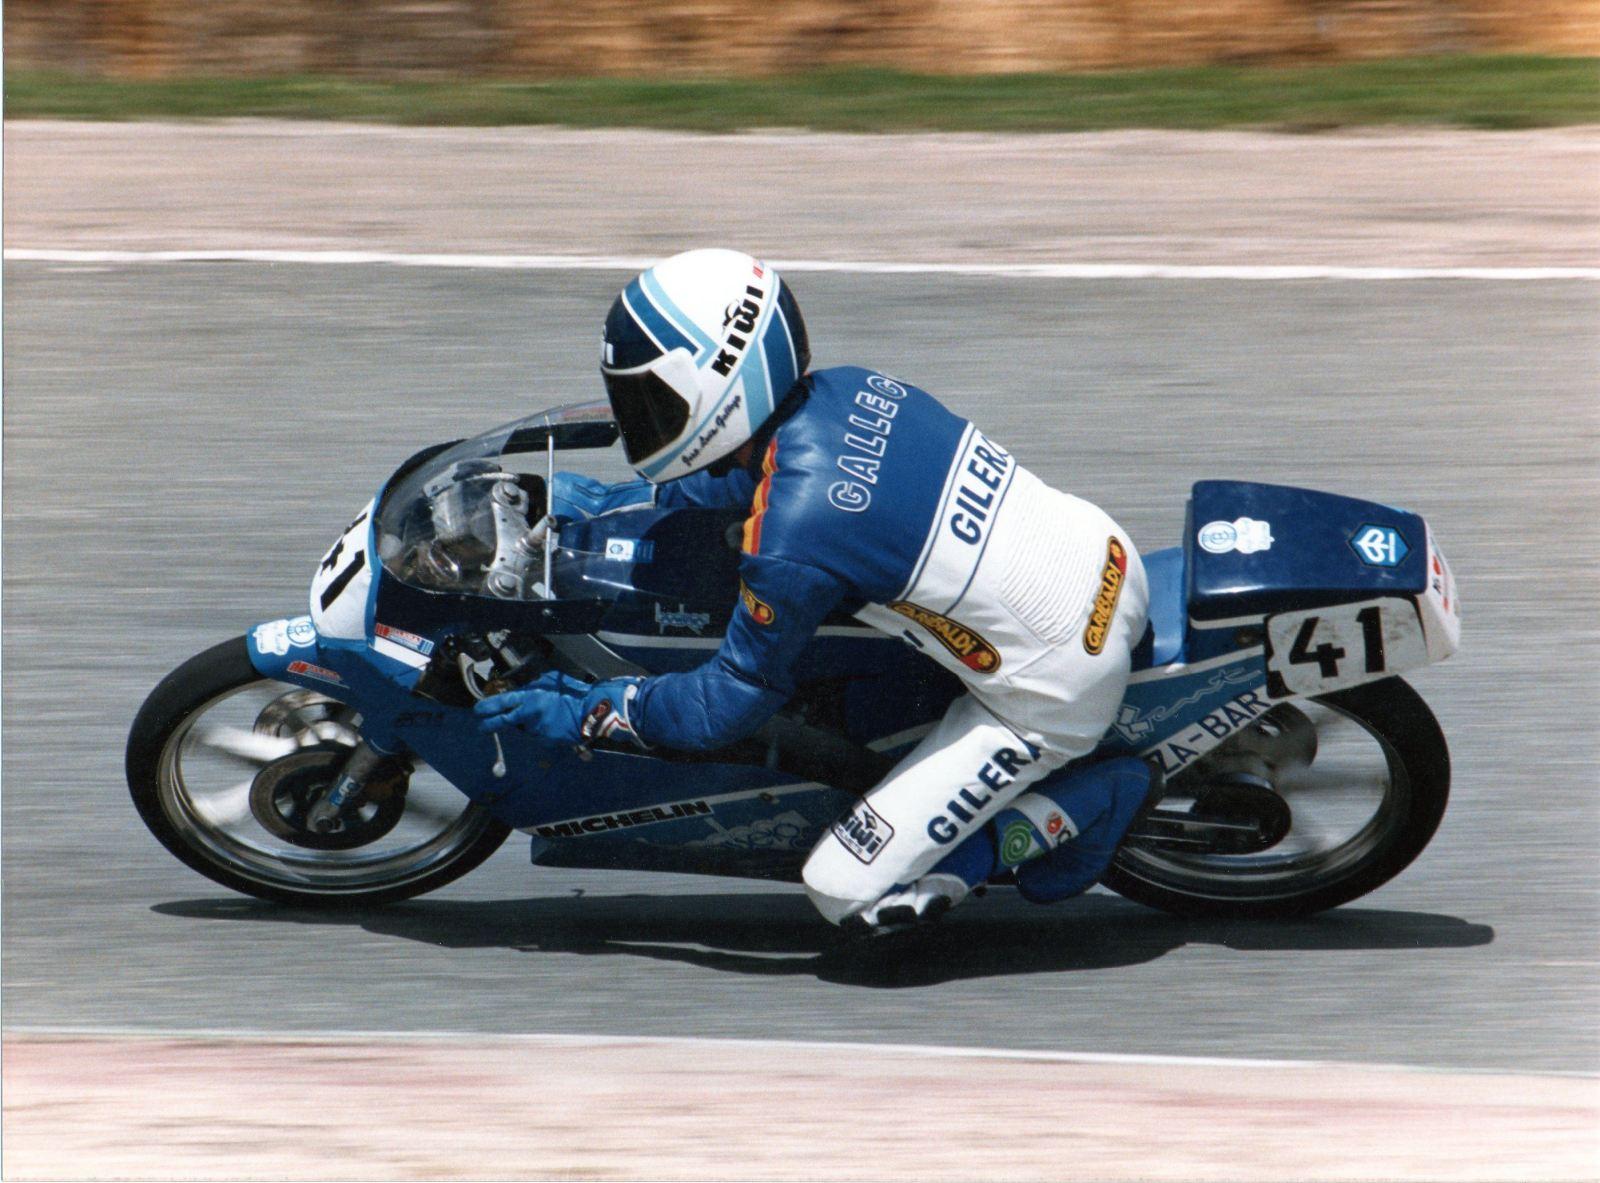 Antiguos pilotos: José Luis Gallego (V) 33ysumh